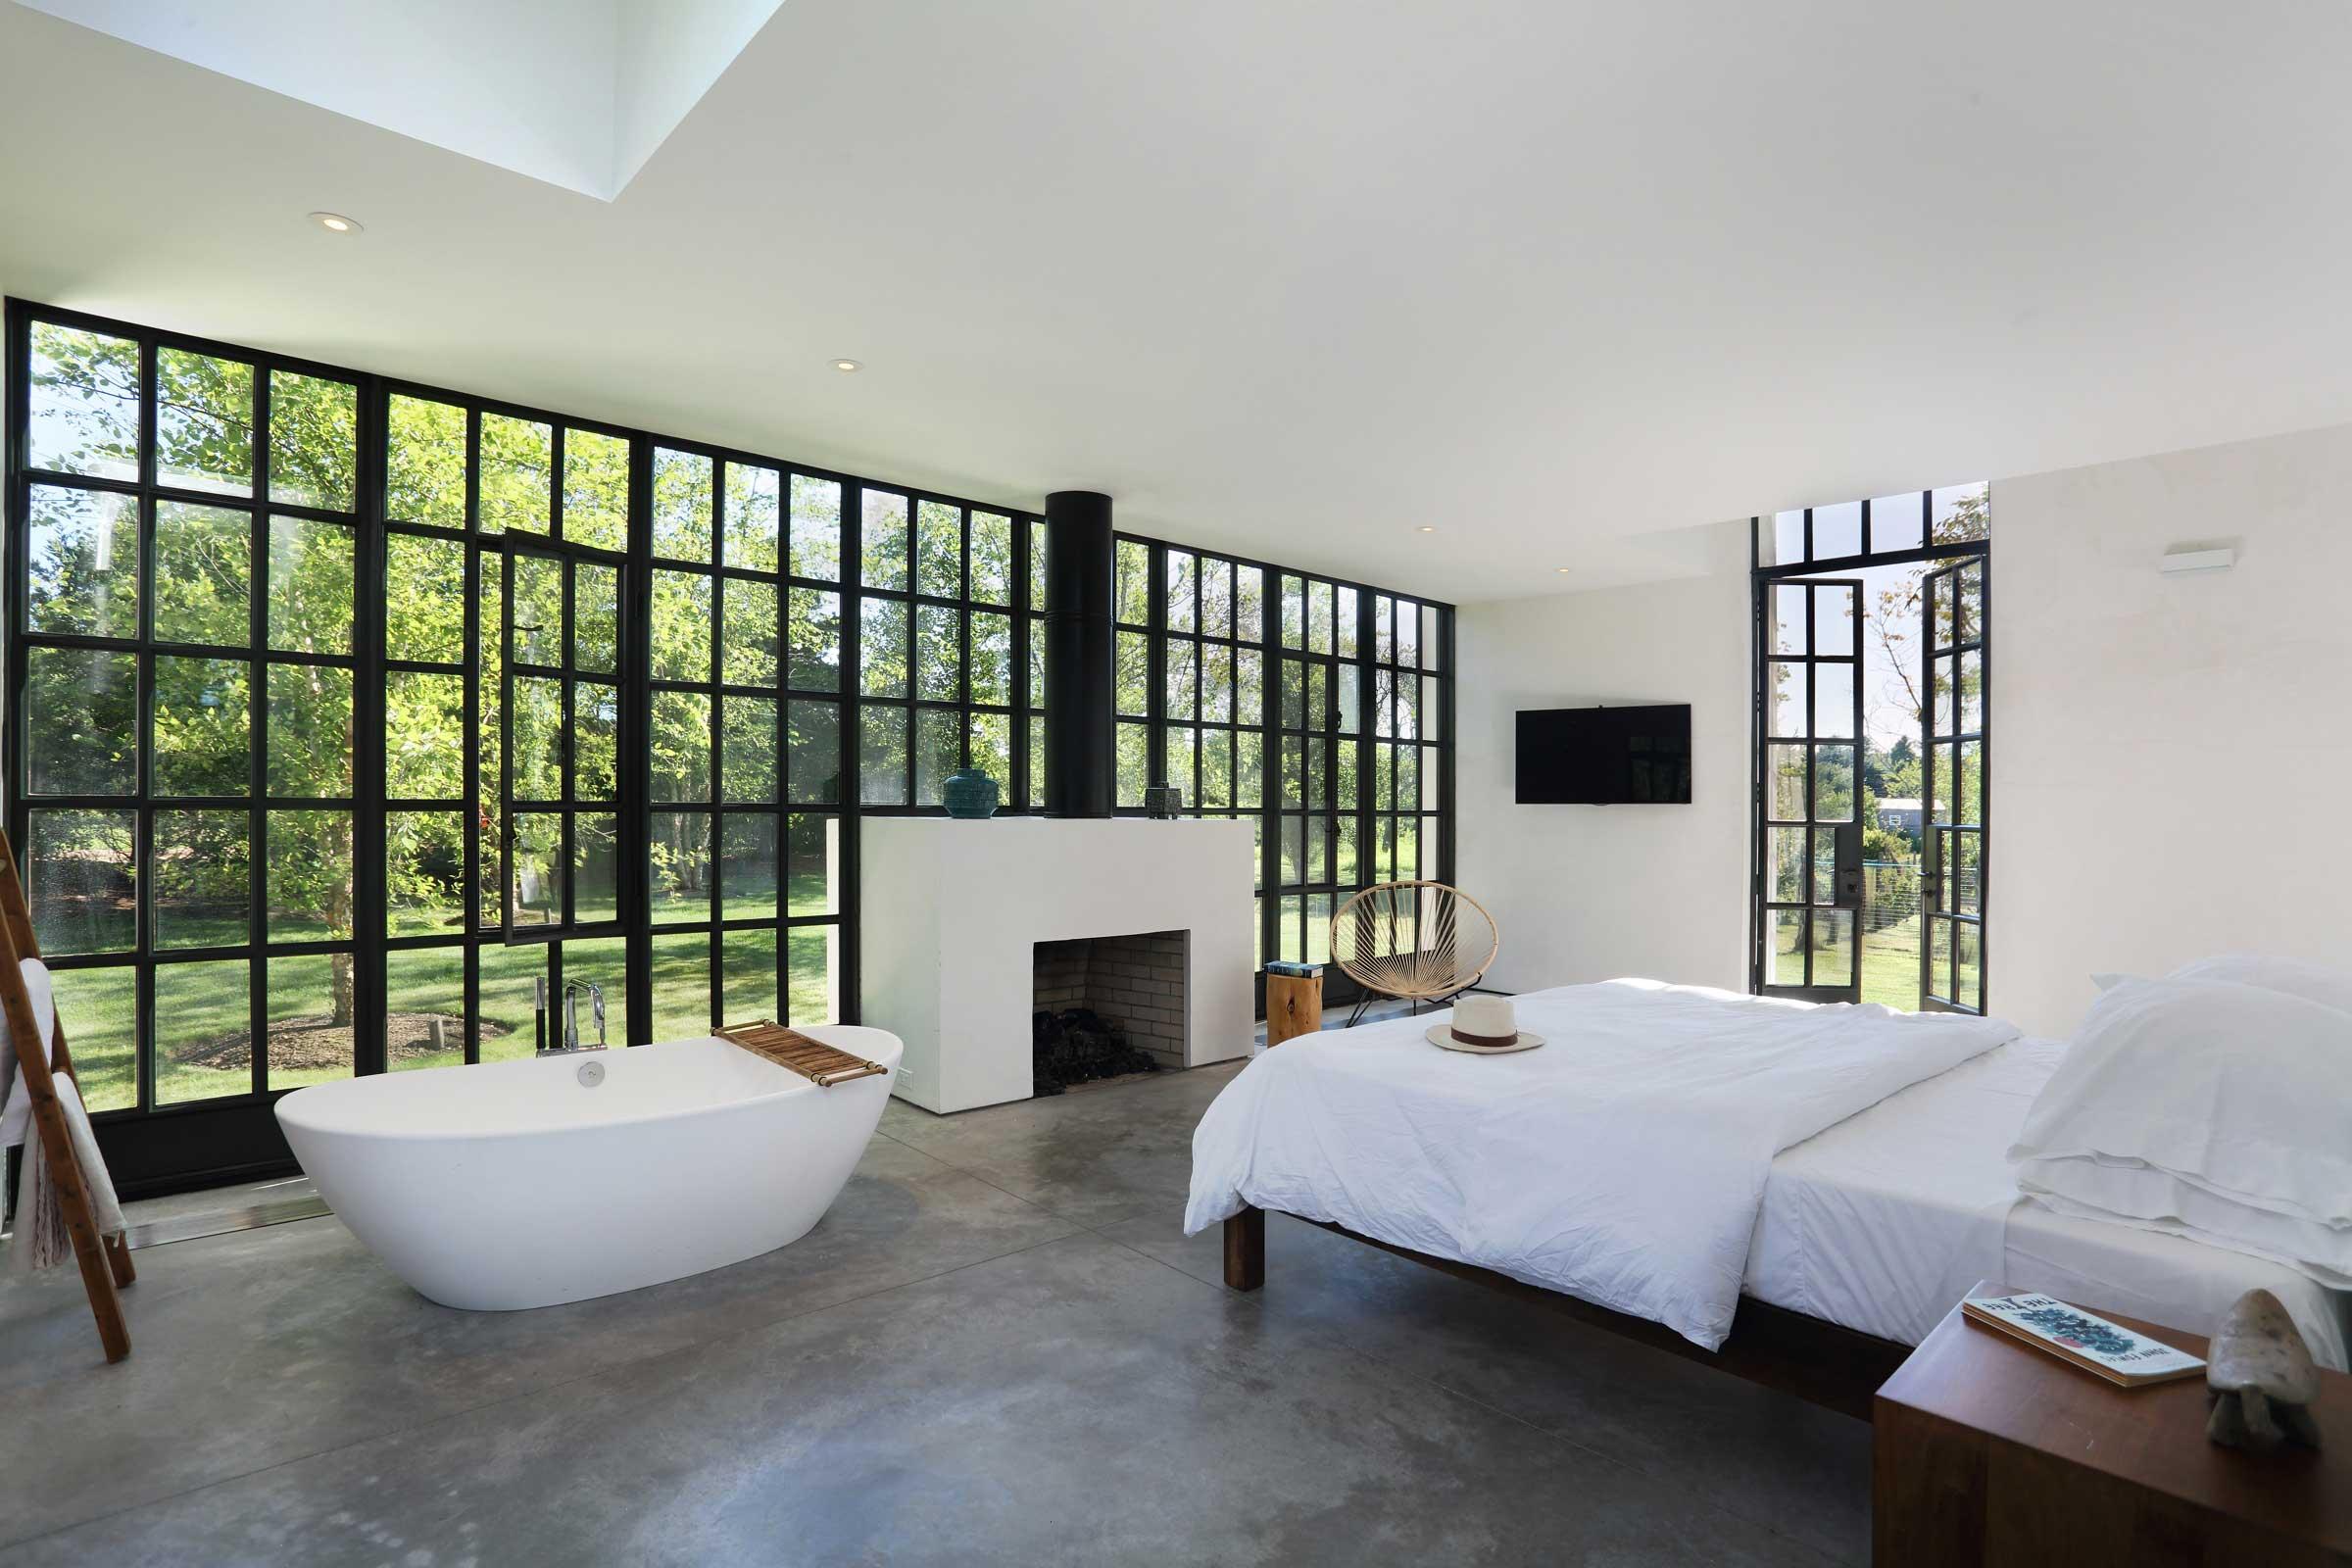 Chambre avec baignoire for Chambre avec baignoire